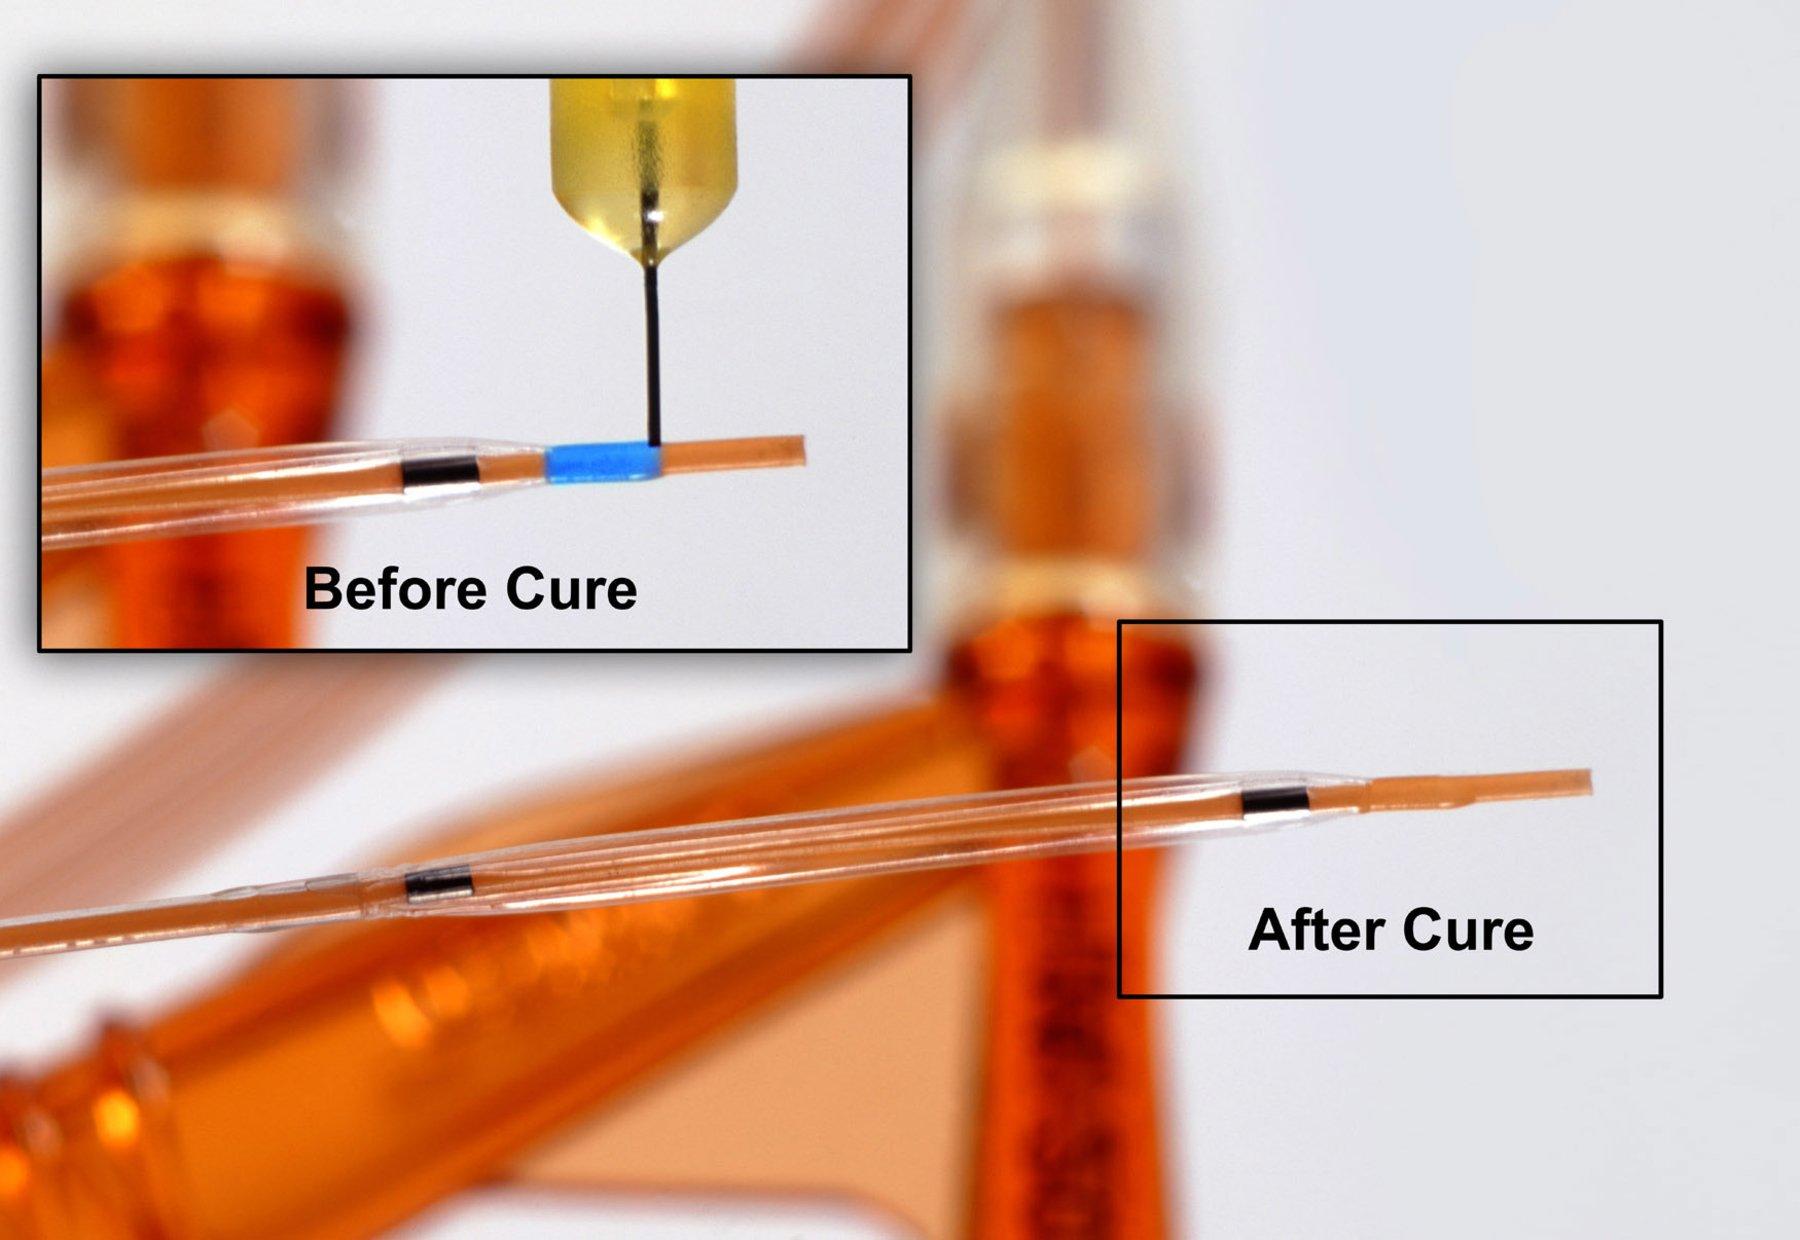 광경화 접착제를 위한 다이맥스의 See-Cure 기술